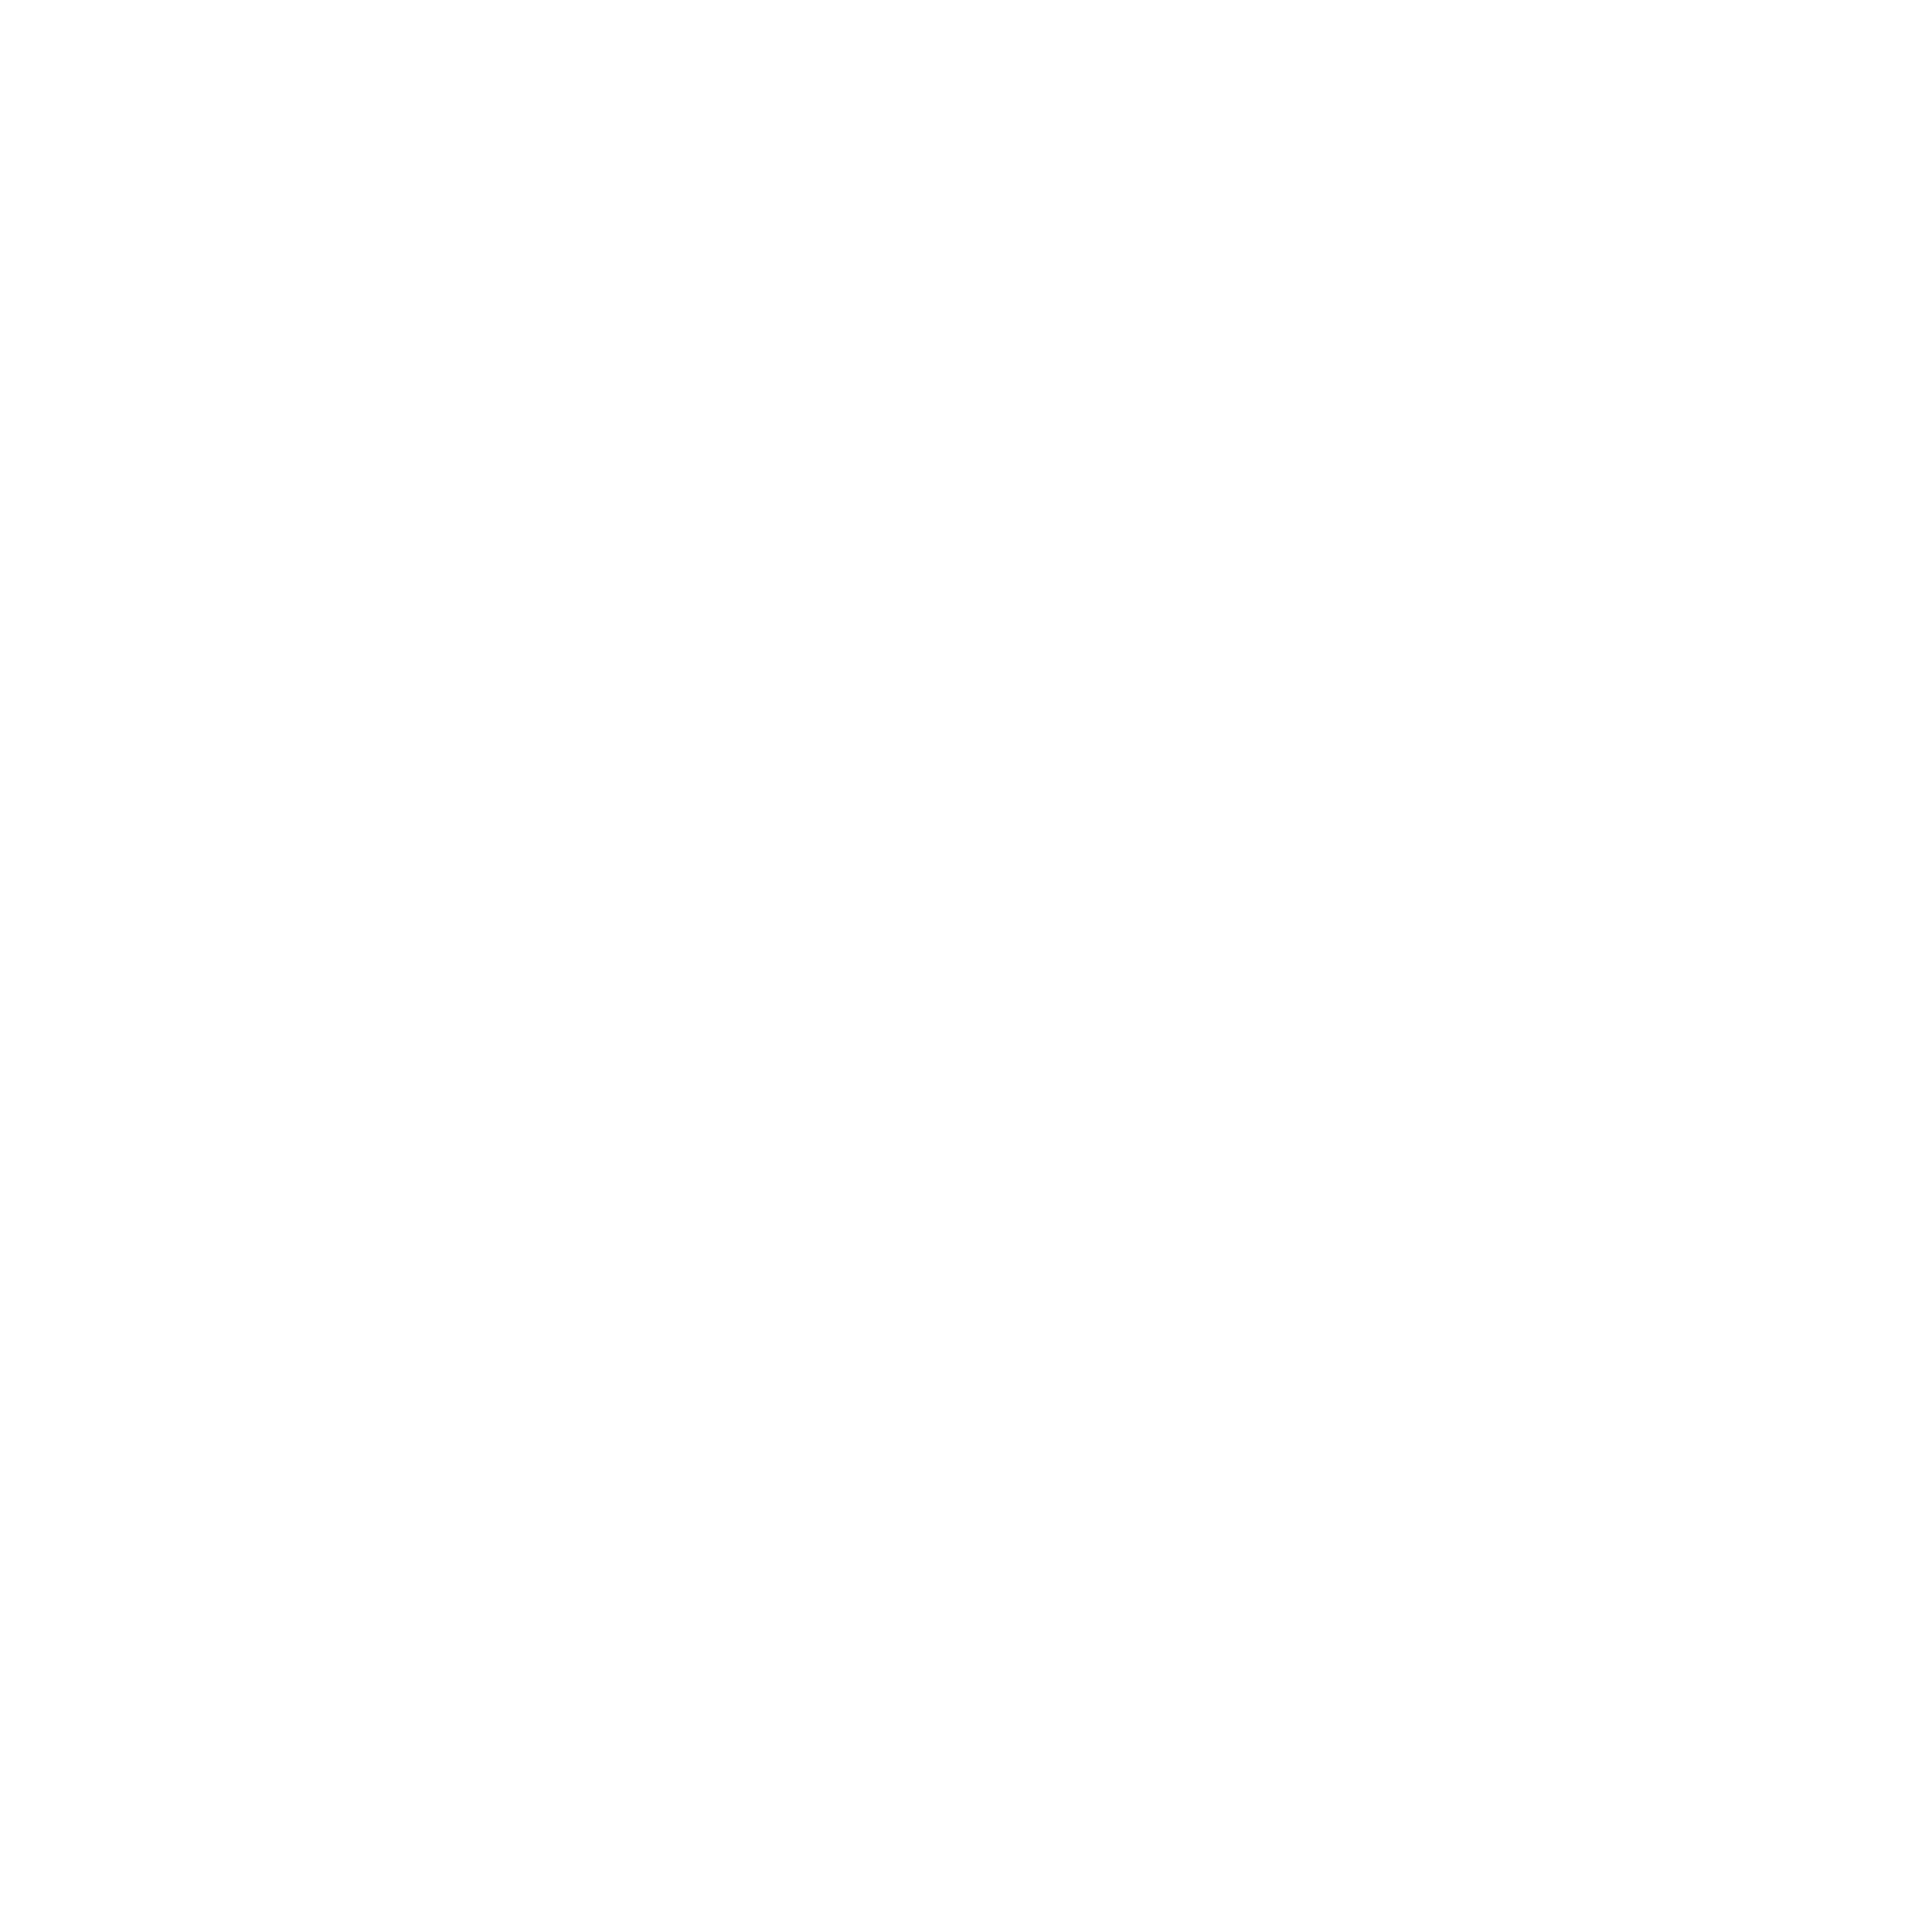 Momstrosity--ebony-logo-png-transparent.png